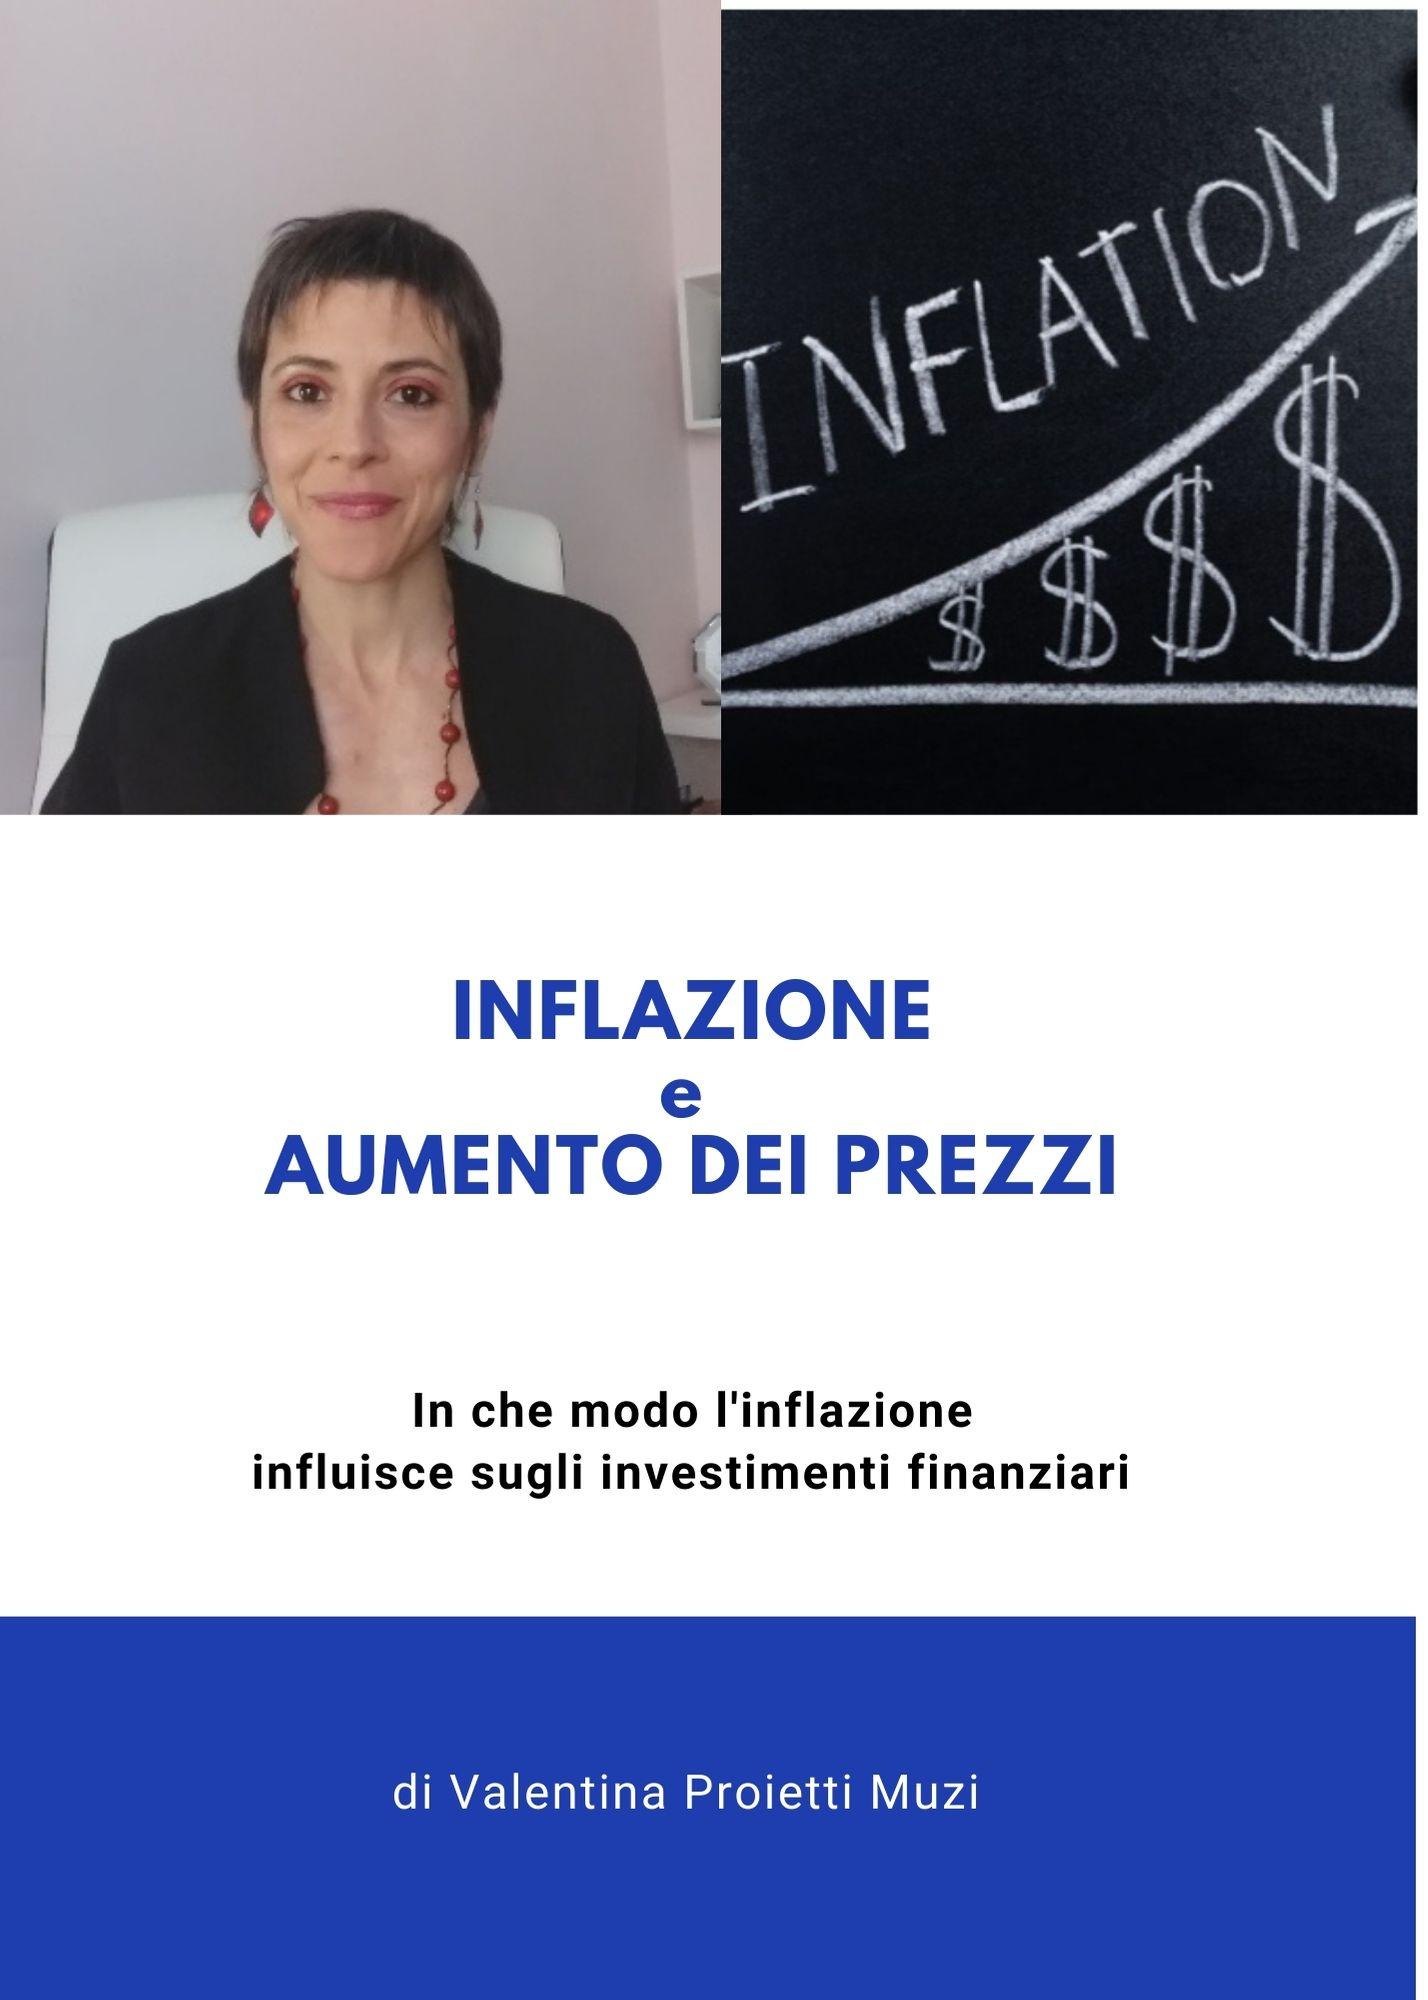 Inflazione e aumento dei prezzi. In che modo l'inflazione incide sugli investimenti finanziari